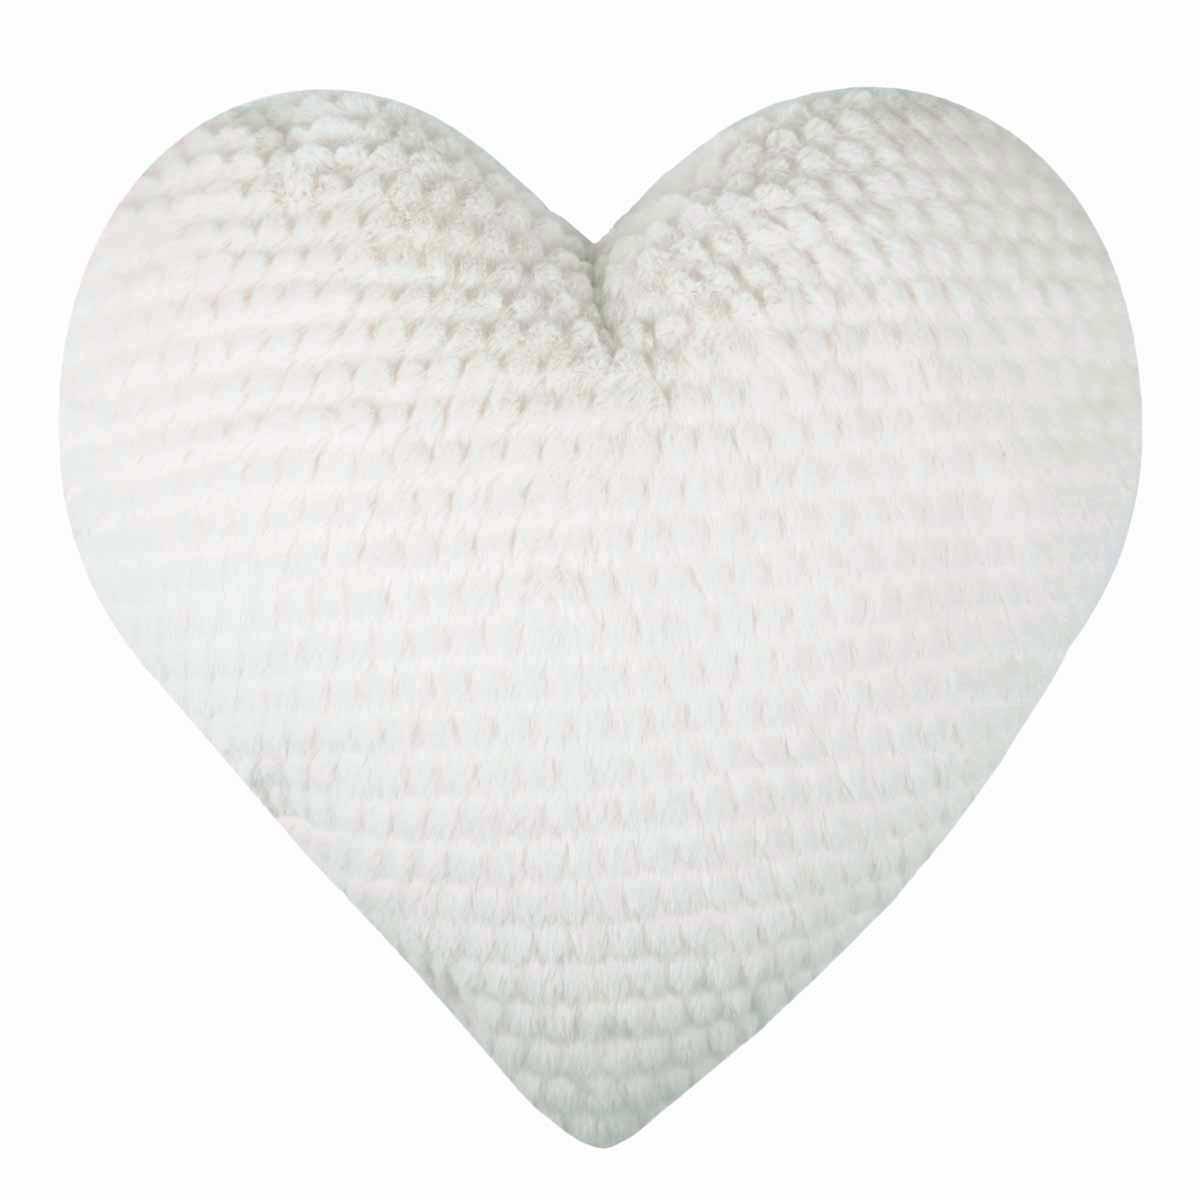 Διακοσμητικό Μαξιλάρι Καρδιά Louise Blanc C25208001 home   παιδικά   διακοσμητικά μαξιλάρια παιδικά